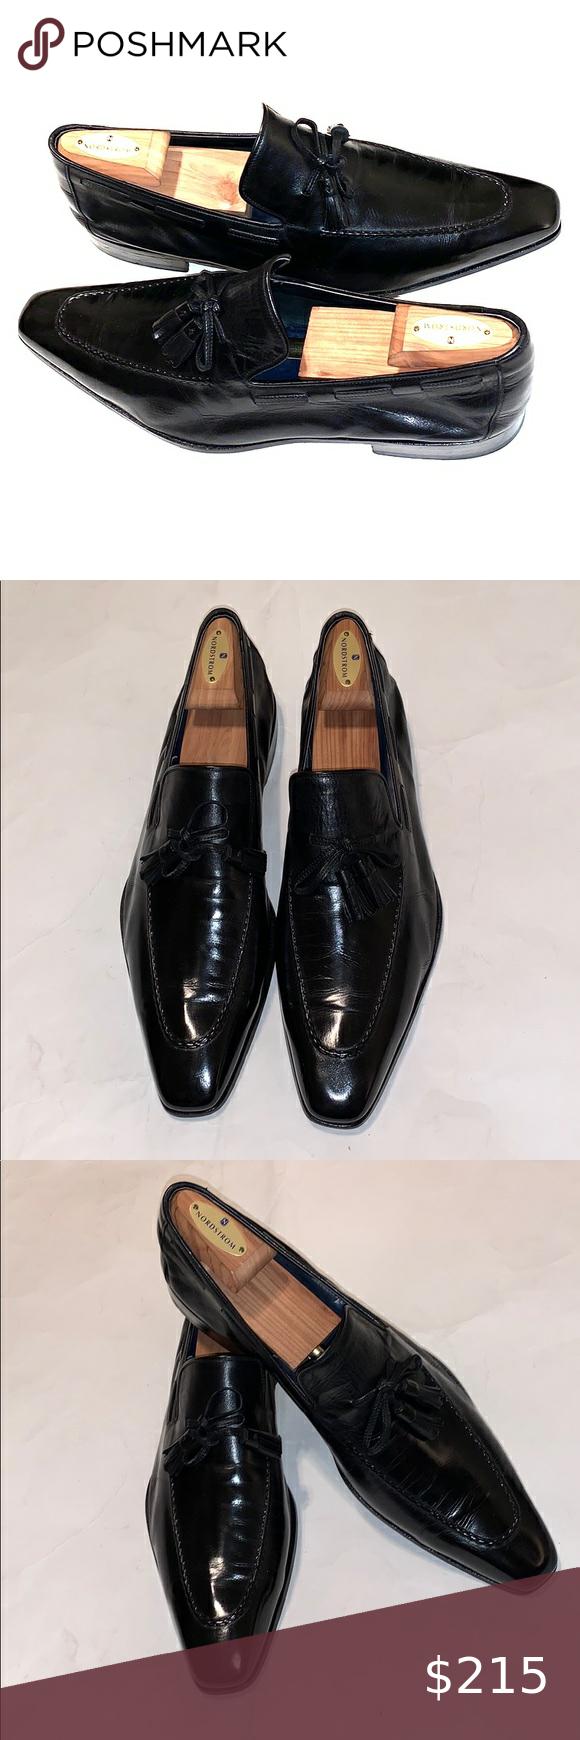 Men S Dress Loafer Slip Ons Loafers Dress Shoes Men Mens Dress Loafers [ 1740 x 580 Pixel ]